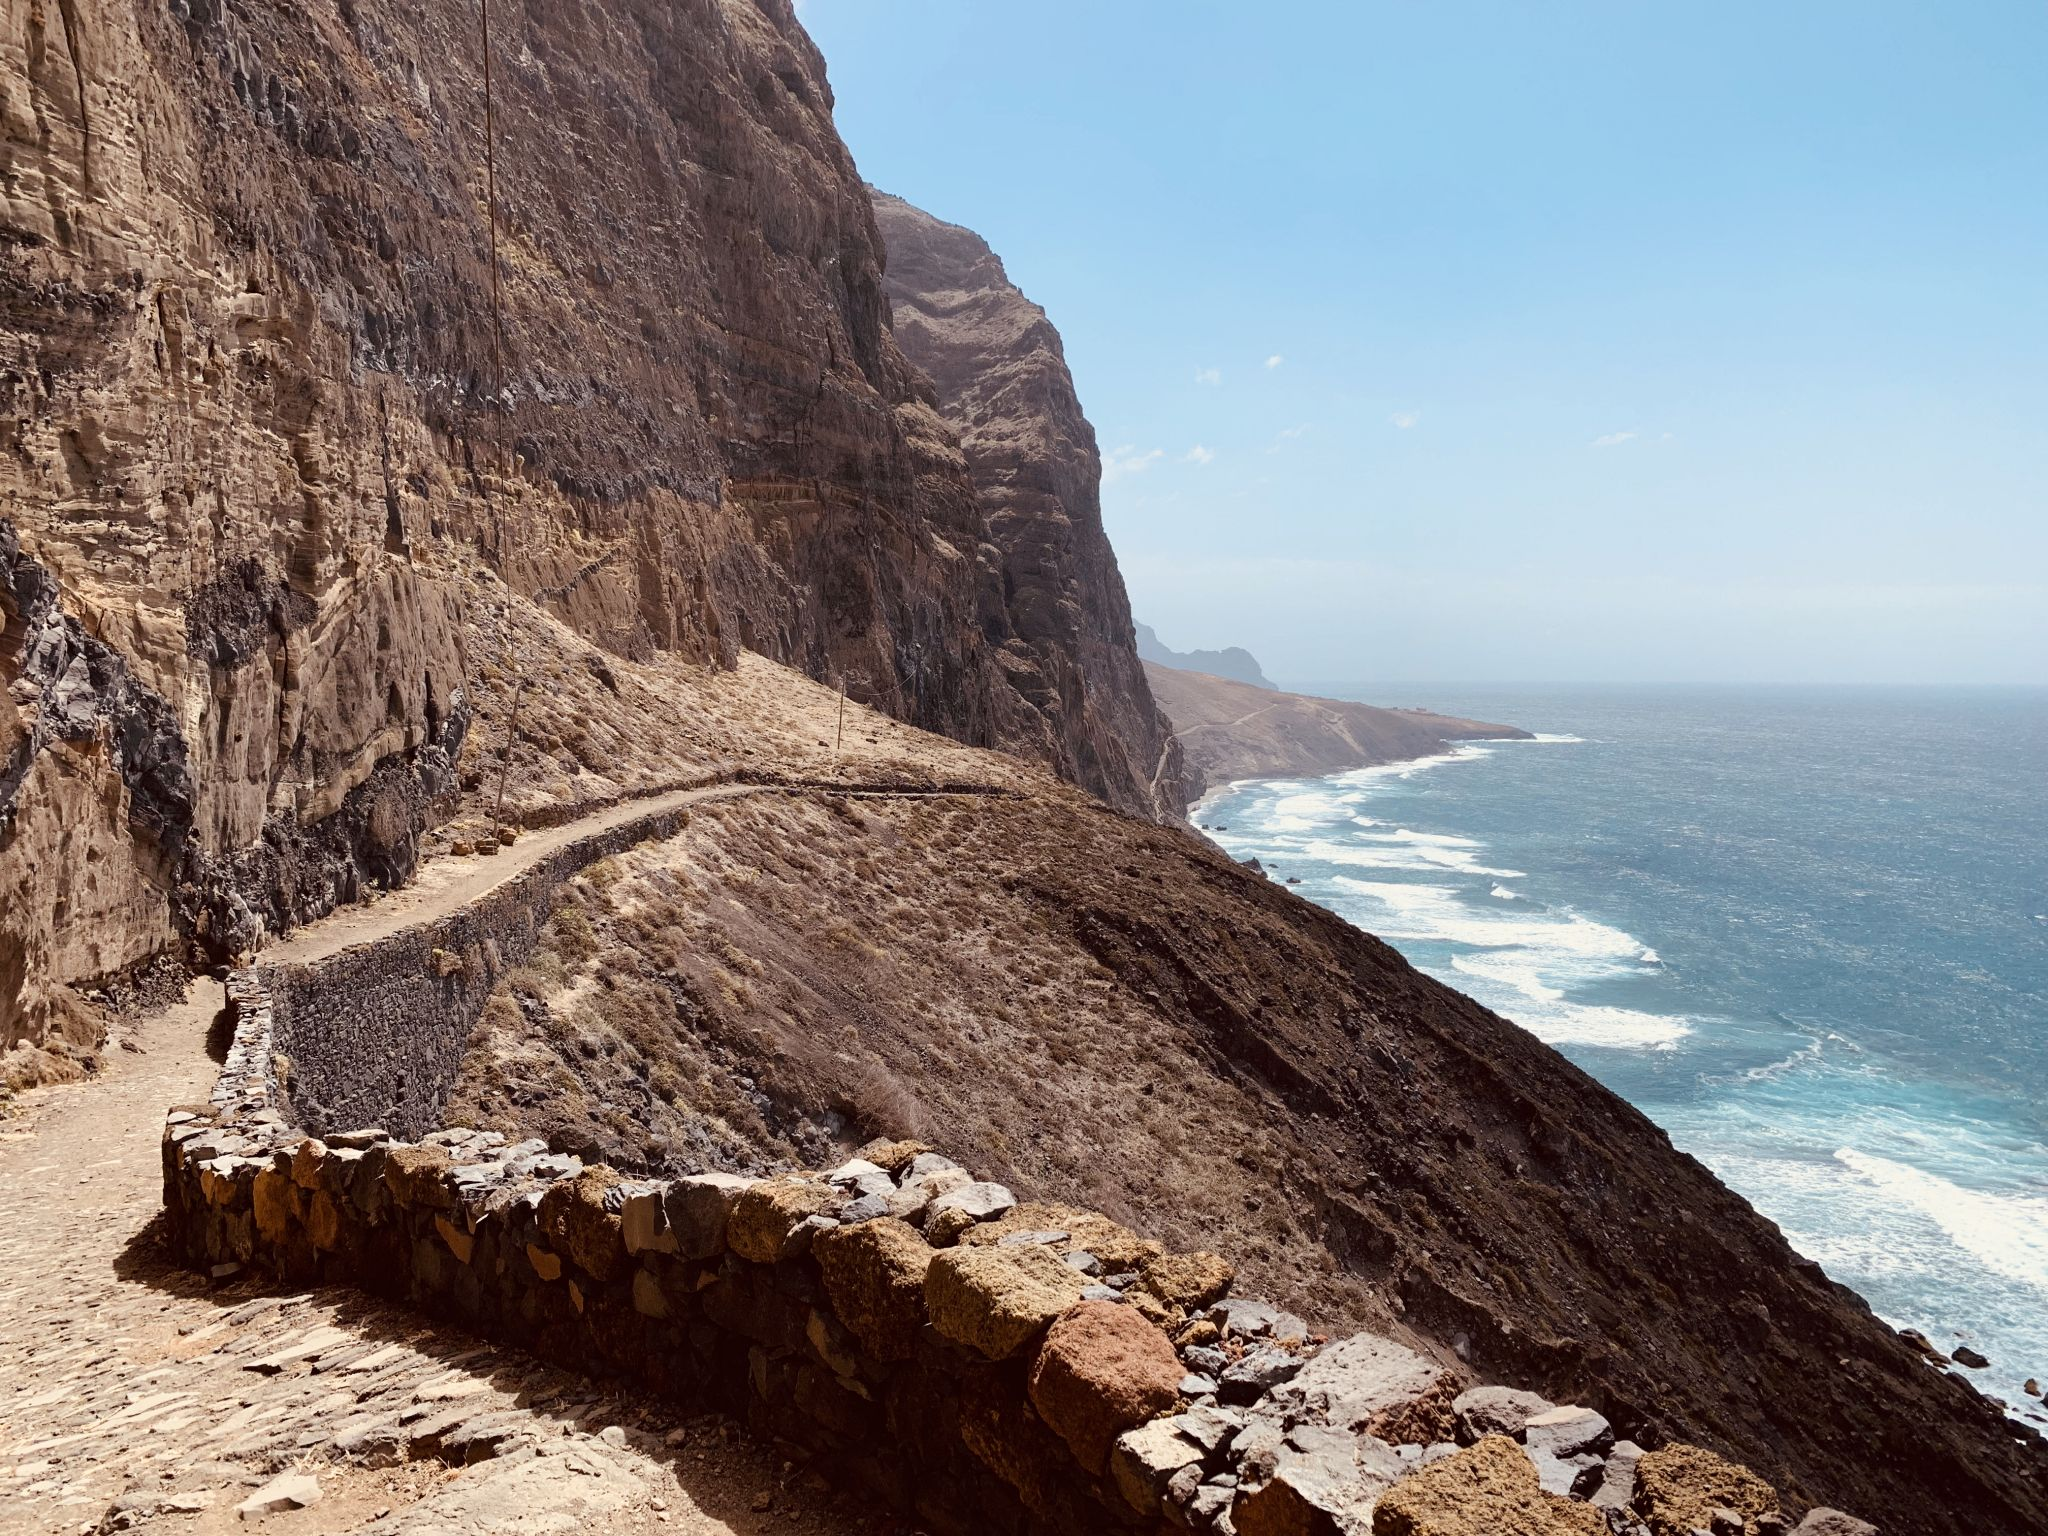 Cruzihna to Ponta do Sol track, Sao Antao, Cape Verde